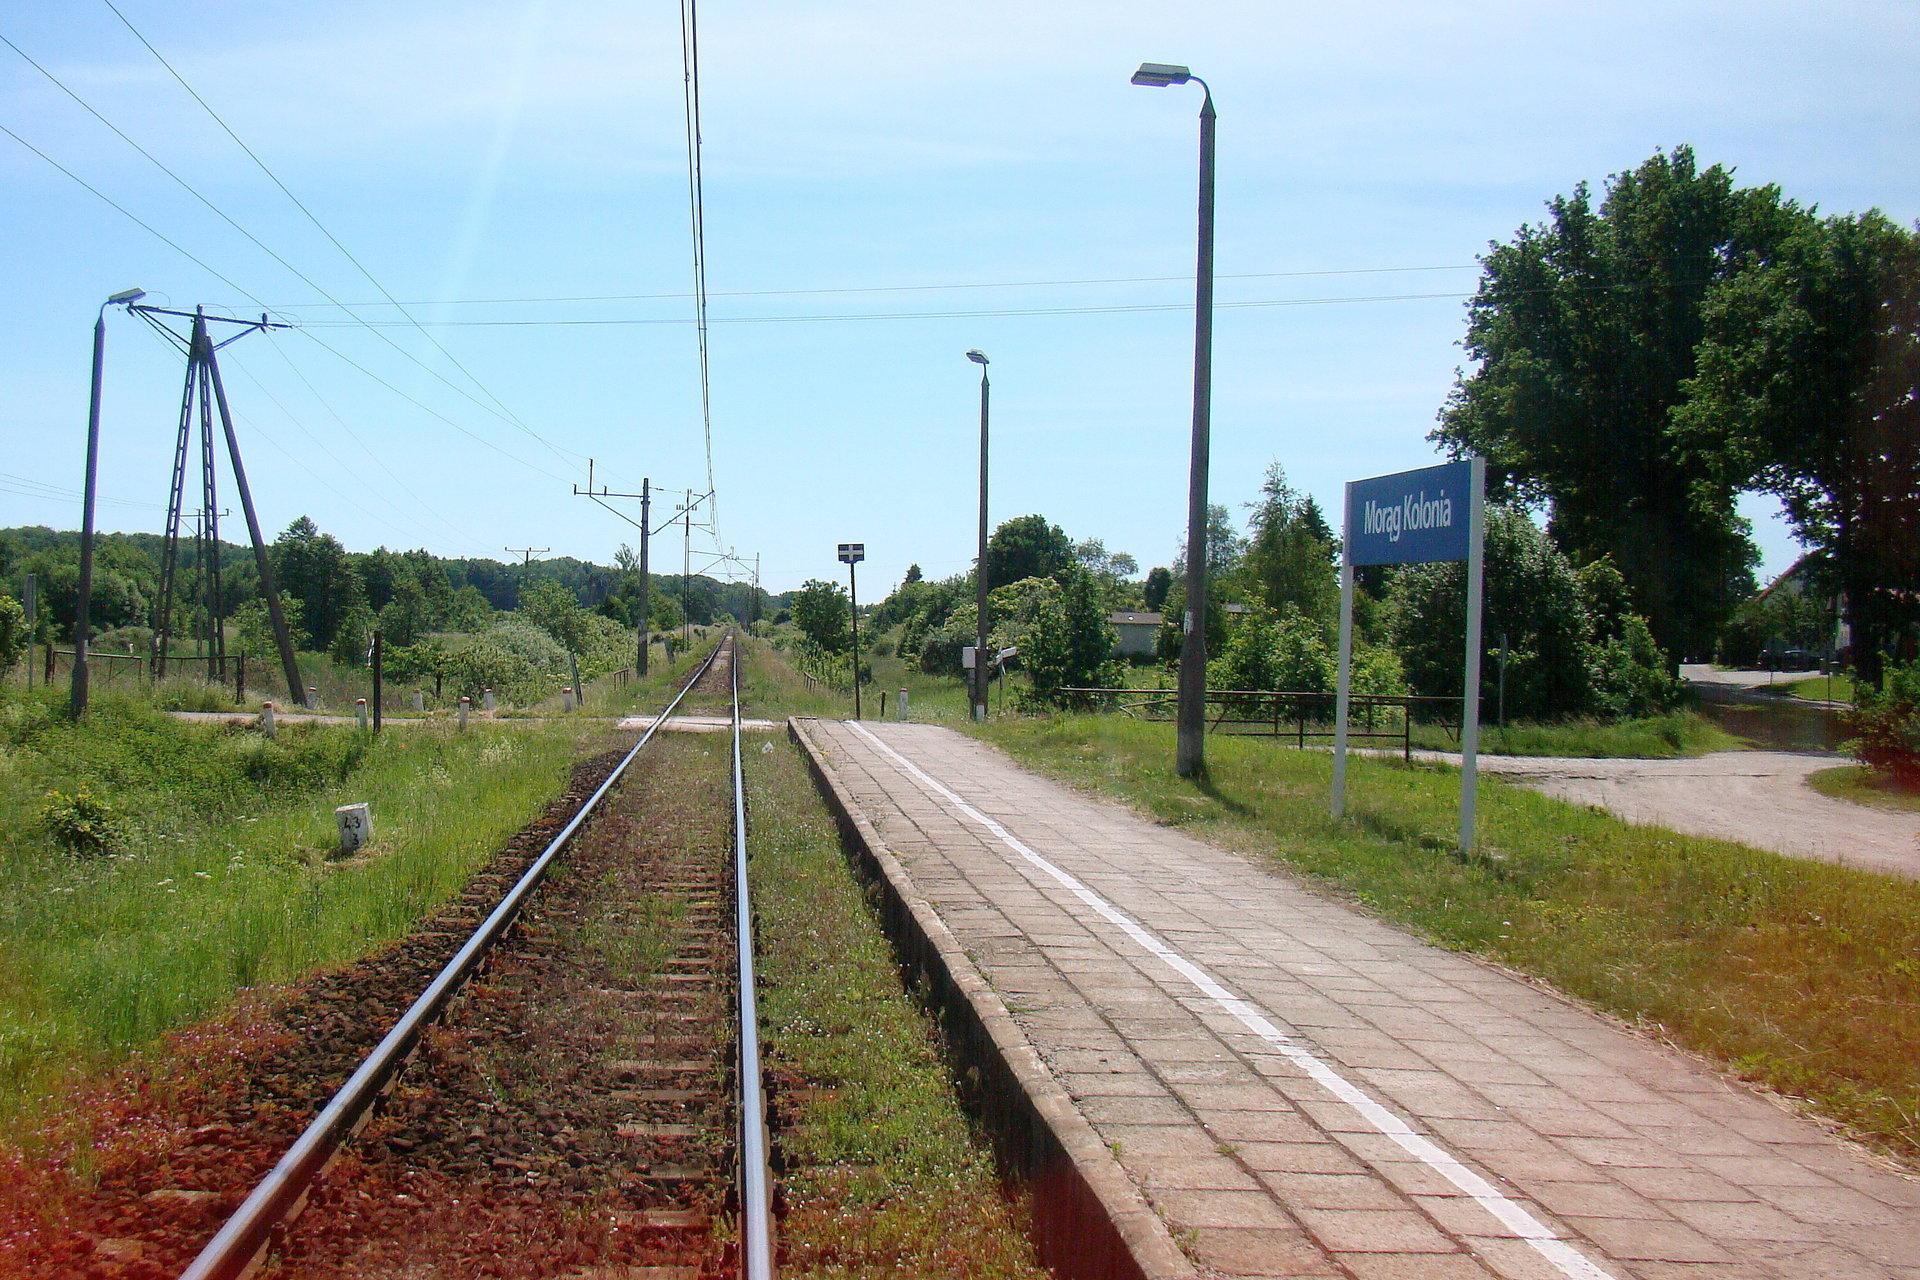 NaKolei.pl - PLK remontuje stację Morąg i przystanek Morąg Kolonia